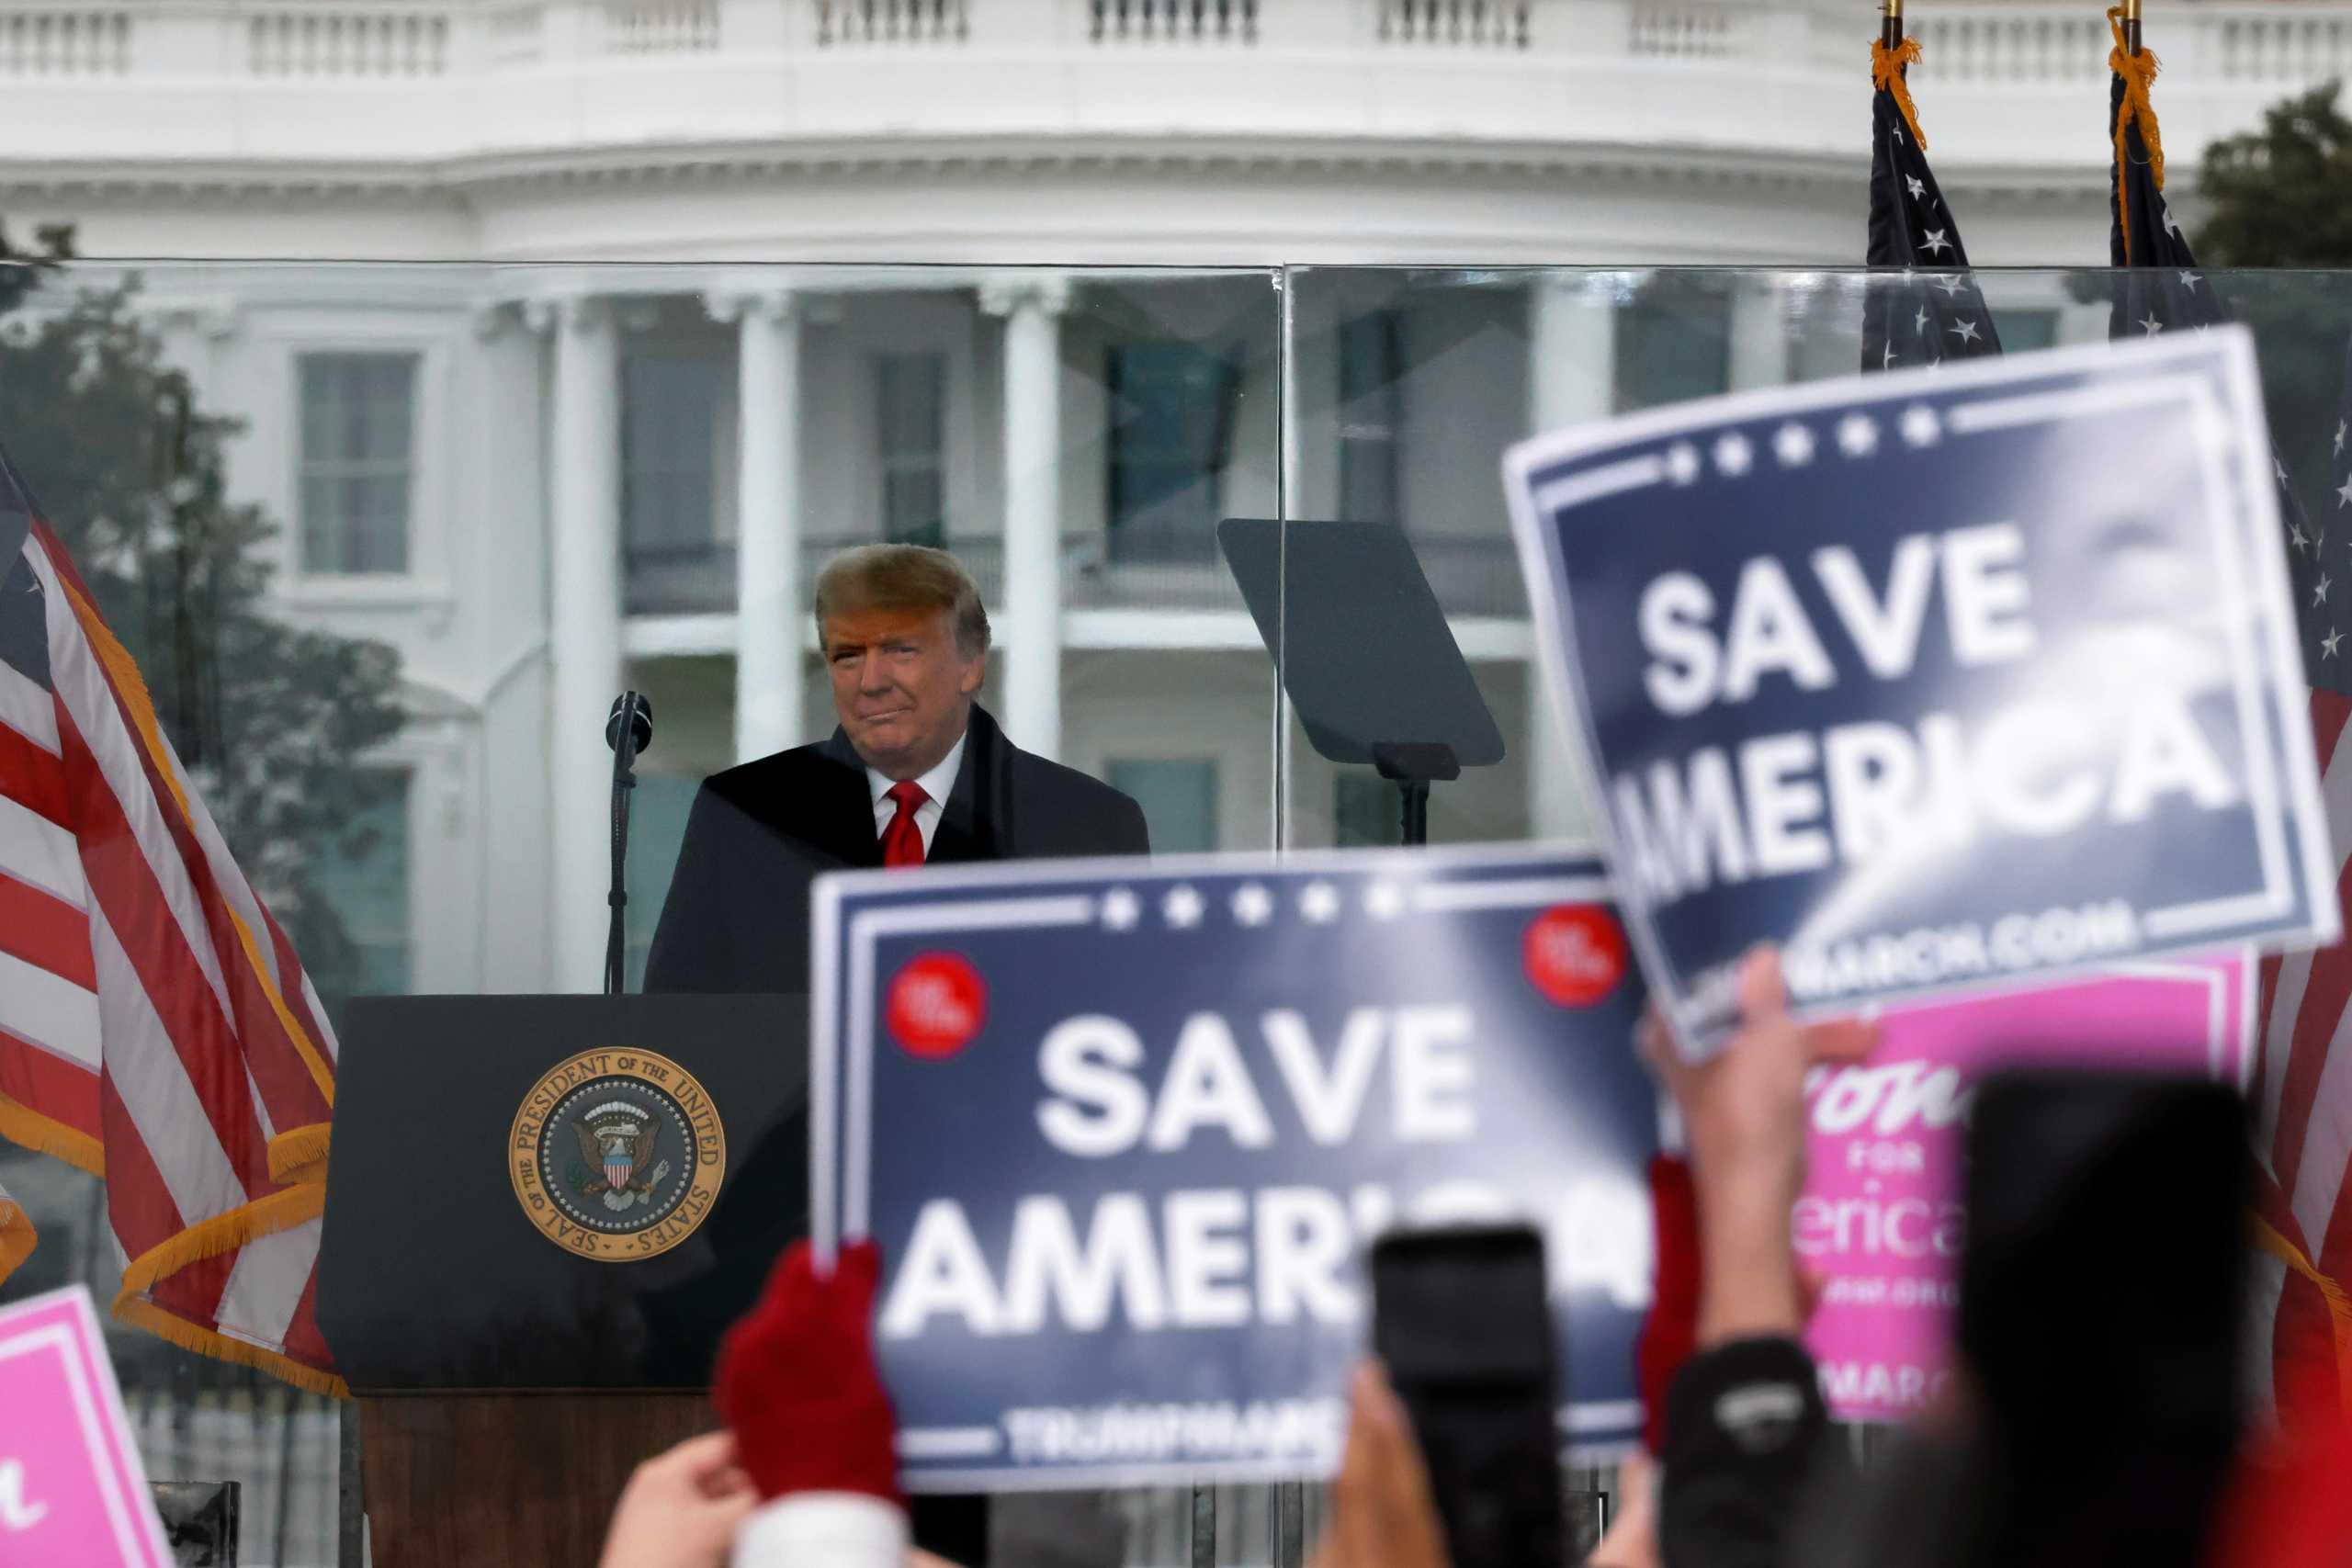 Αστείρευτος Τραμπ: Ψάχνεται να δώσει χάρη στον εαυτό του